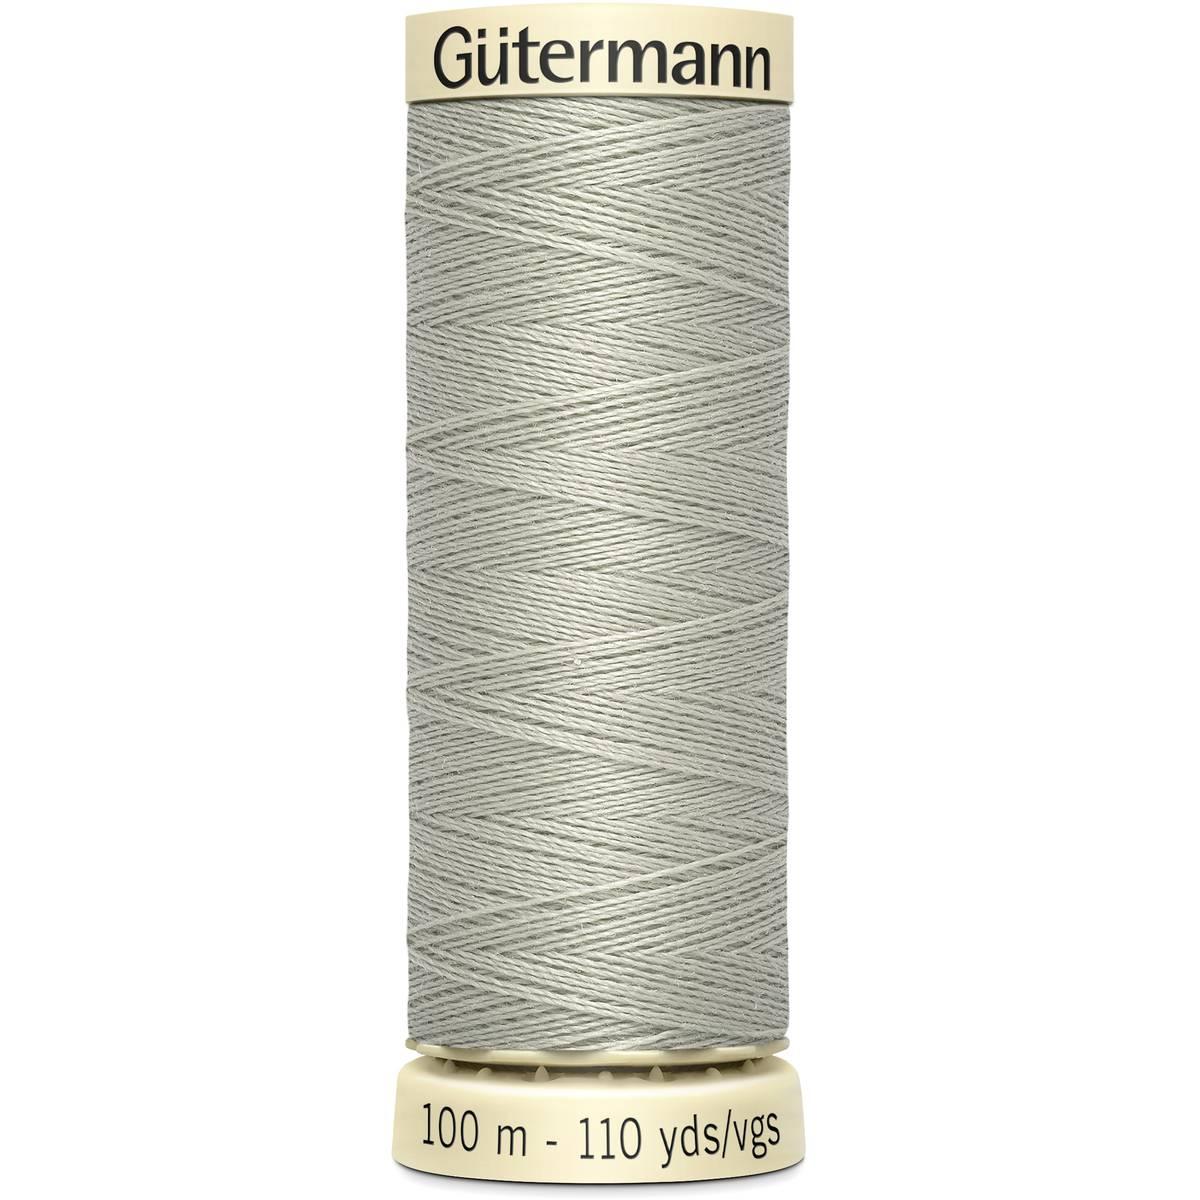 חוט תפירה גוטרמן - Grey 854